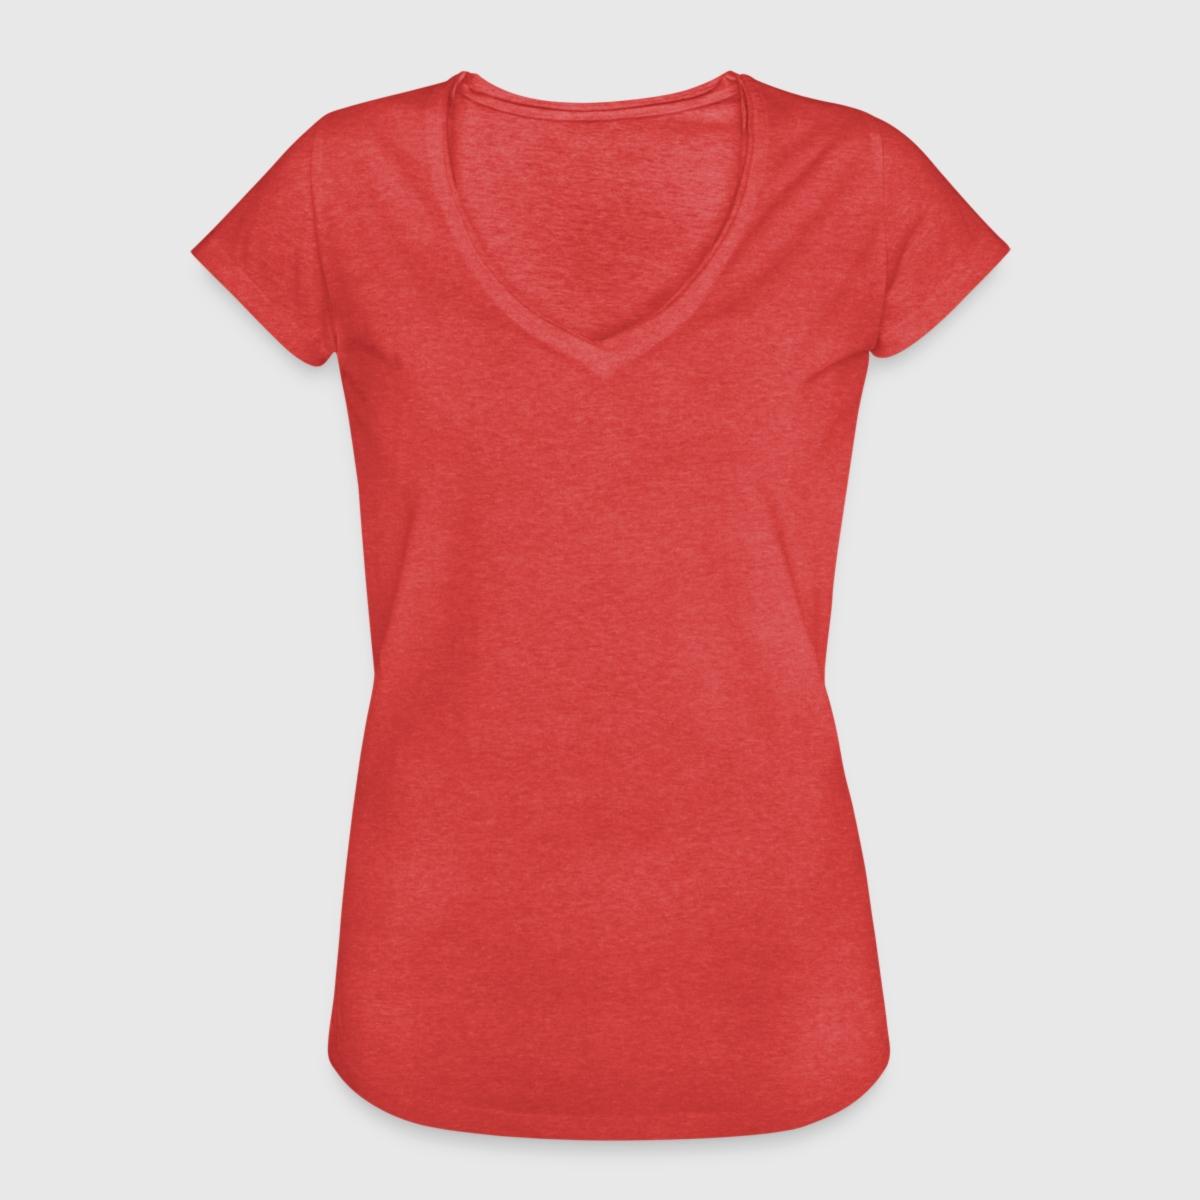 Custom women s vintage t shirt spreadshirt uk for Custom t shirt uk